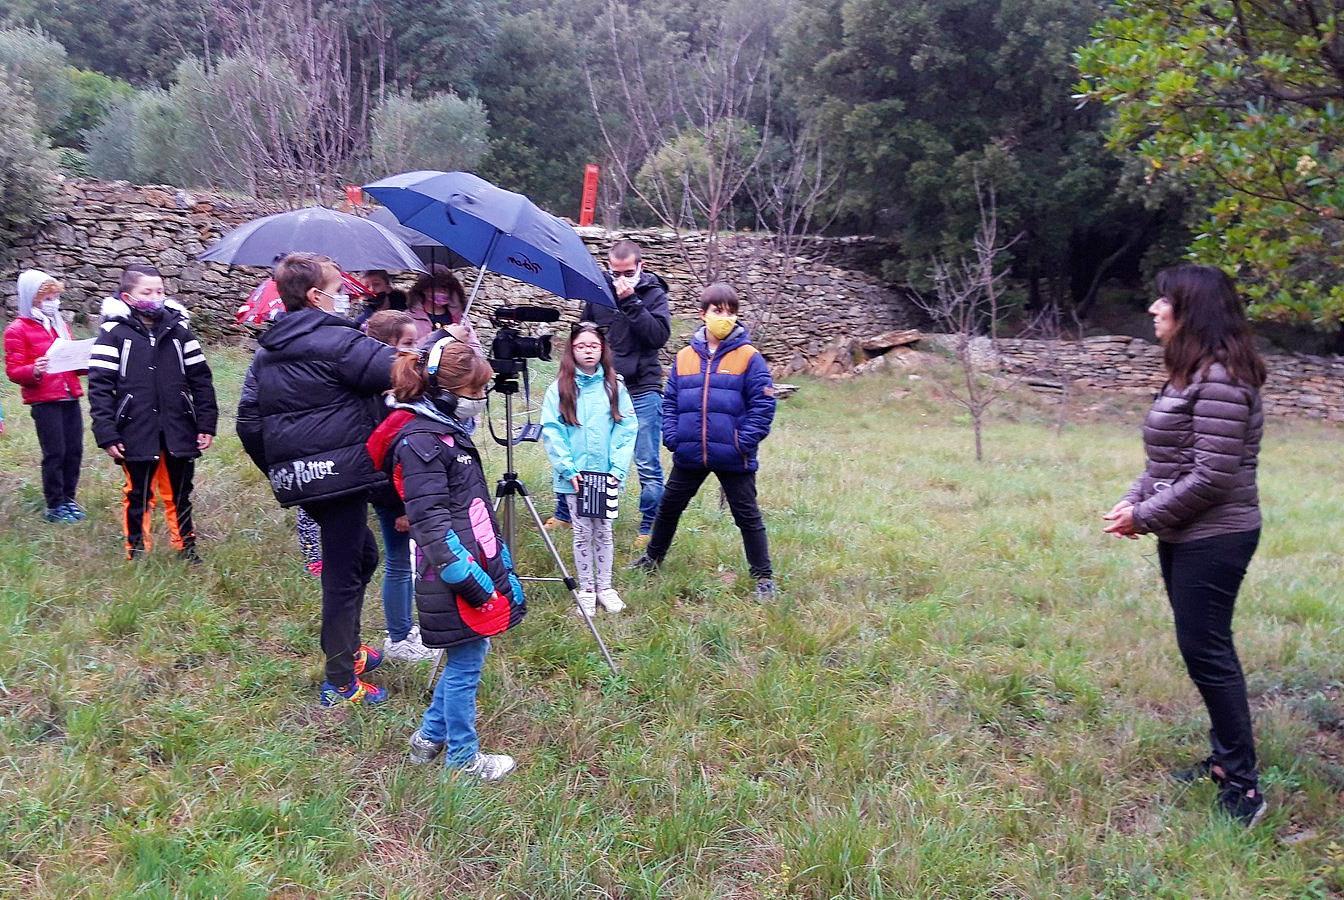 Ateliers_documentaires_paysage_-_Pierres_sèches_Faugères_2021 dans le Parc naturel régional du Haut-Languedoc